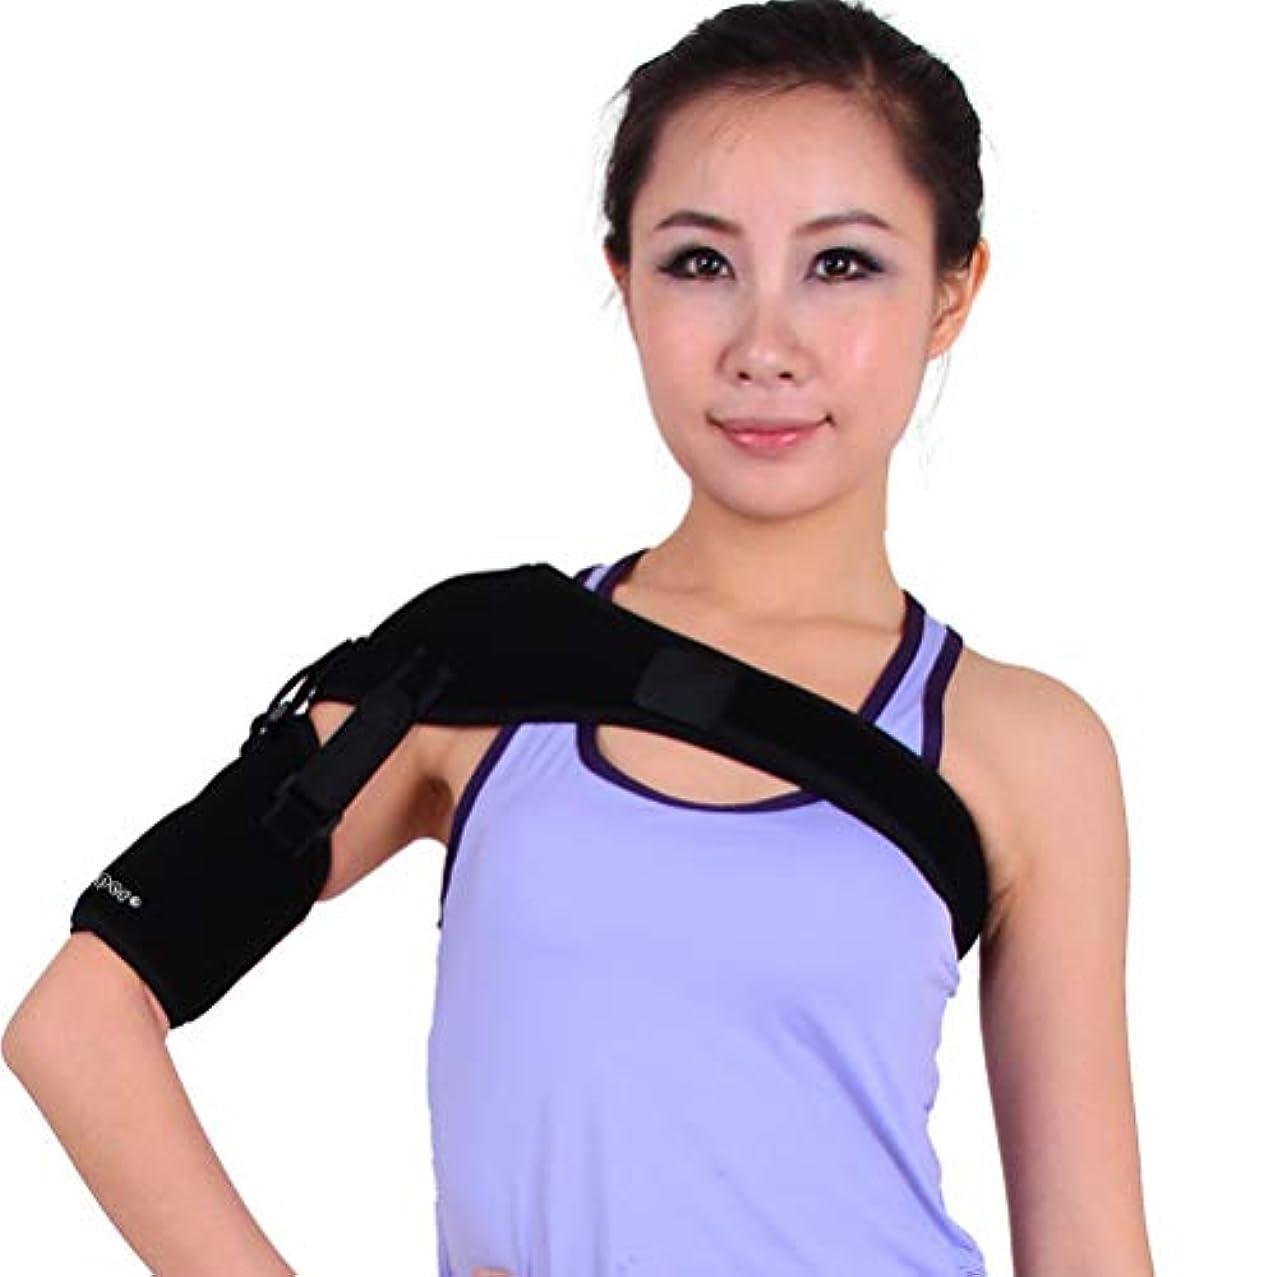 蒸発好む置くためにパックHealifty ショルダーサポート右腕スリング調整可能な肘サポートメッシュブレース医療用スリングストラップ固定具(スポーツ用)壊れた骨折した腕(黒)